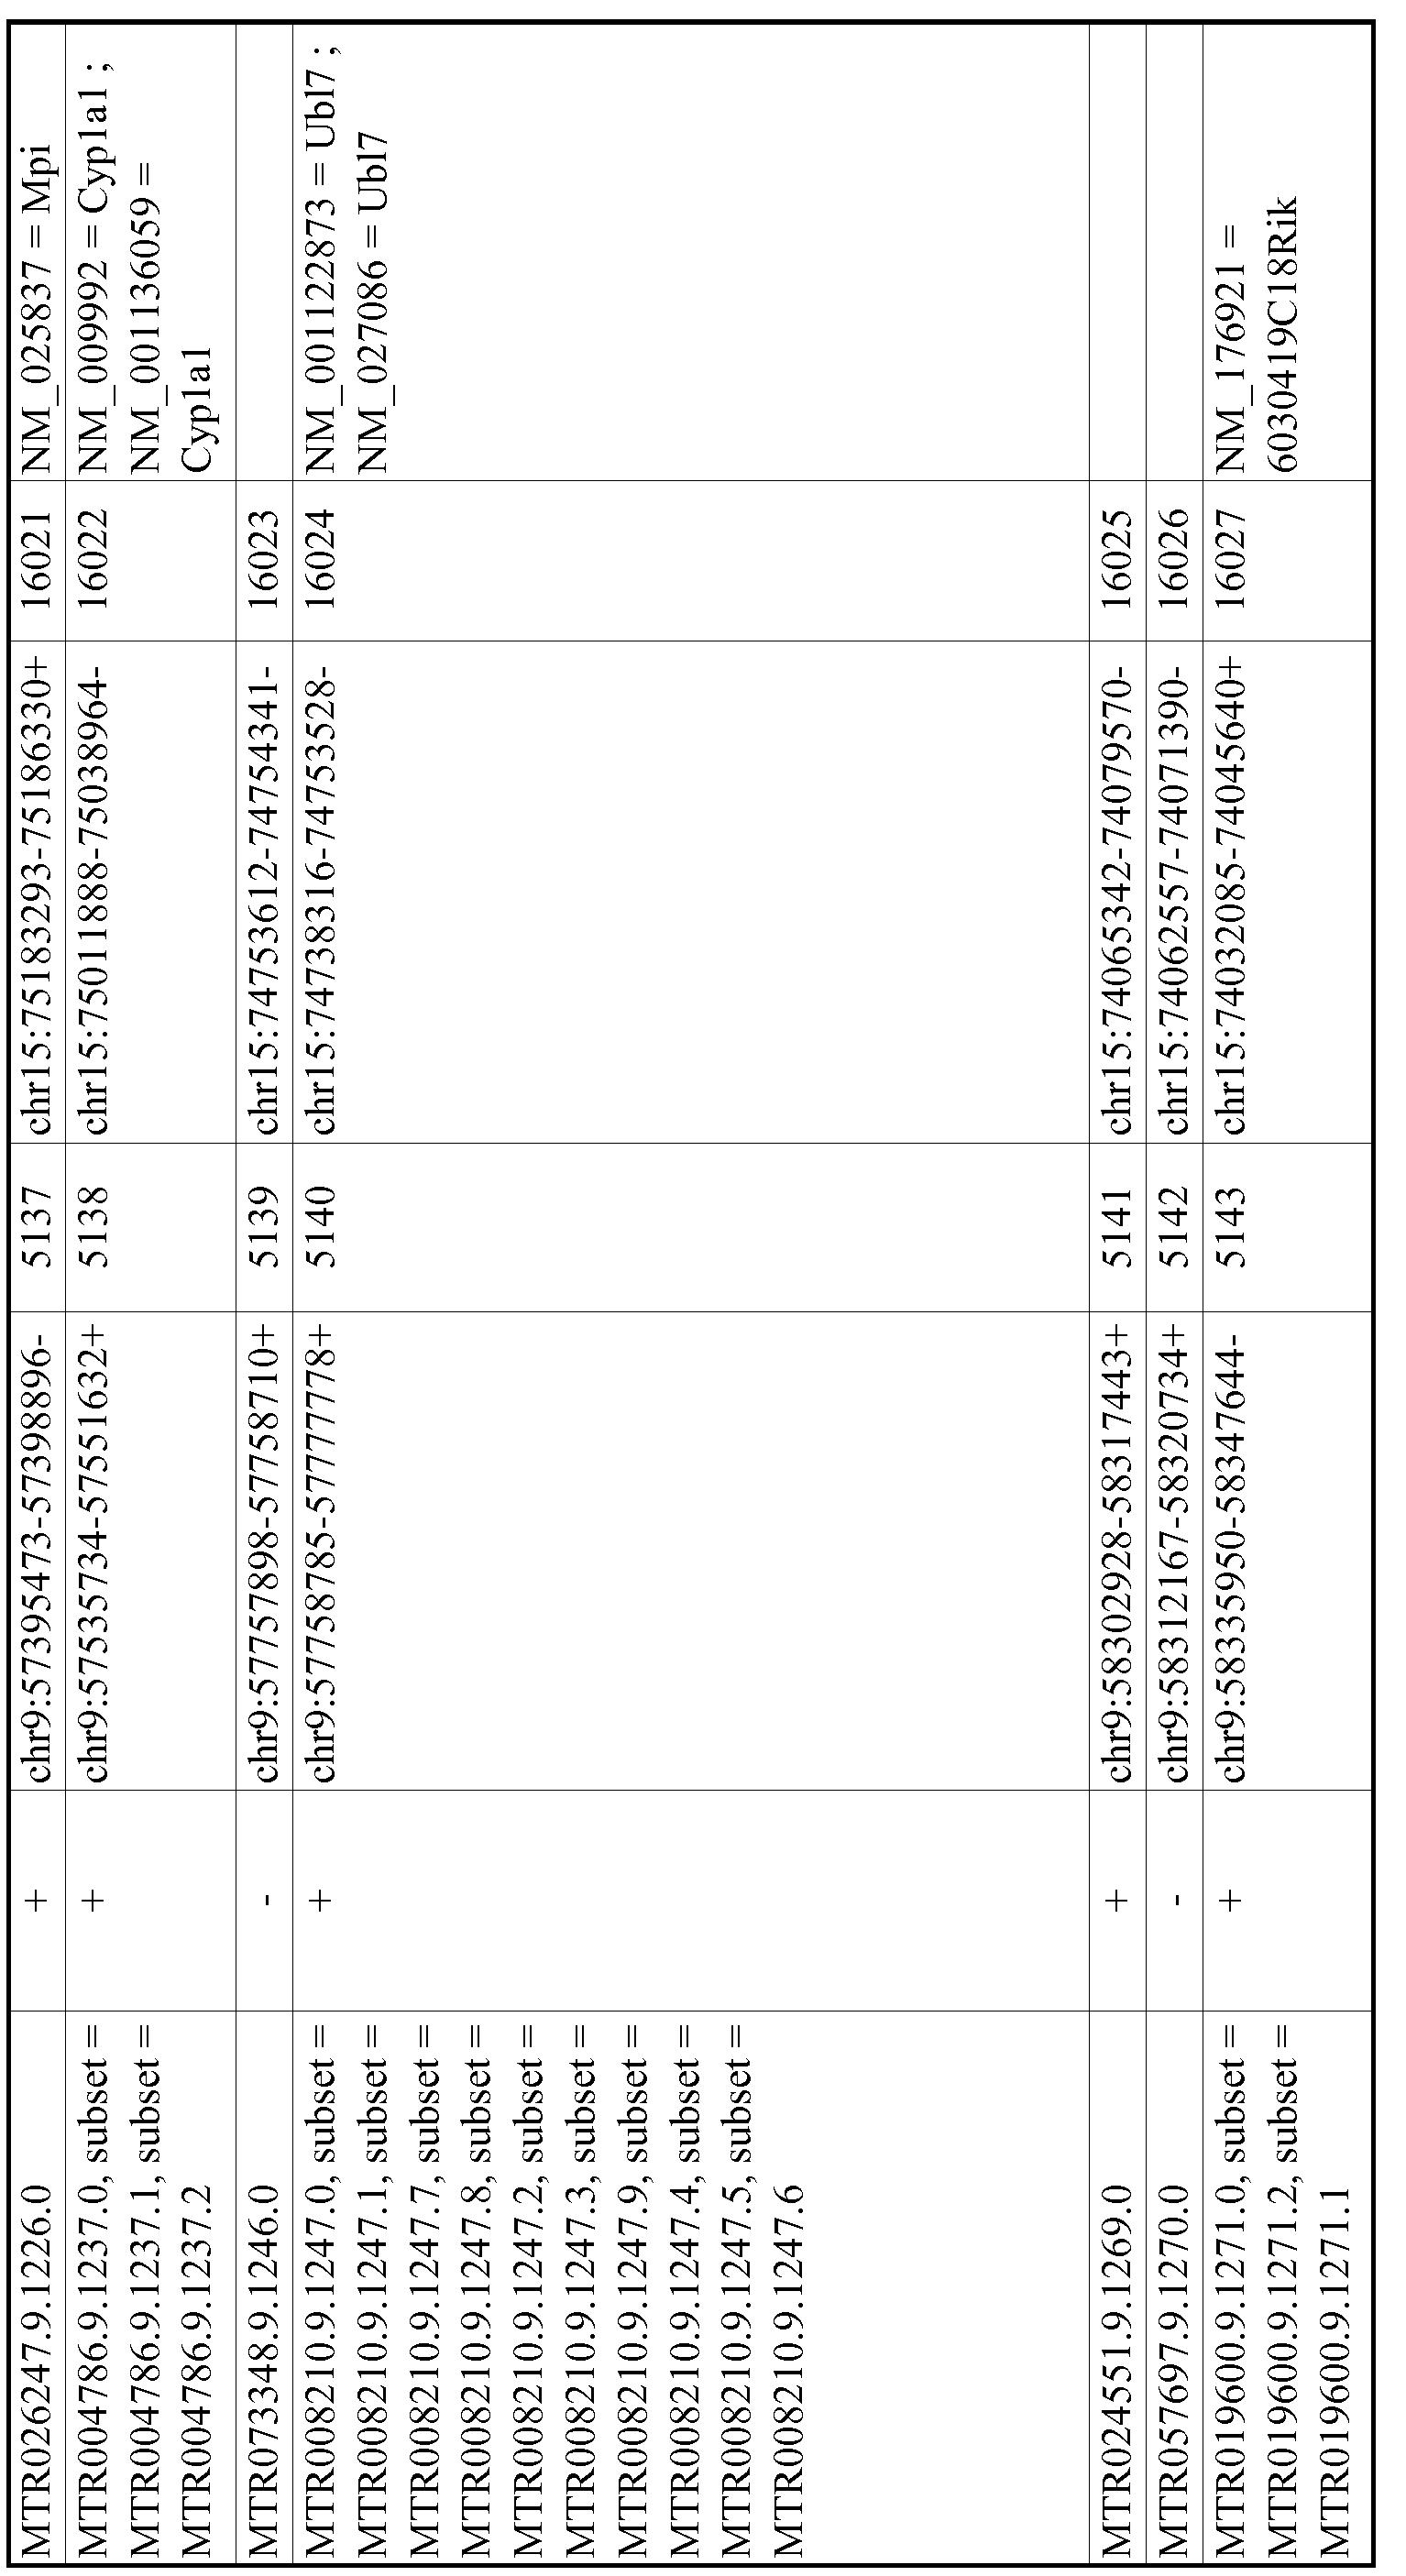 Figure imgf000936_0001